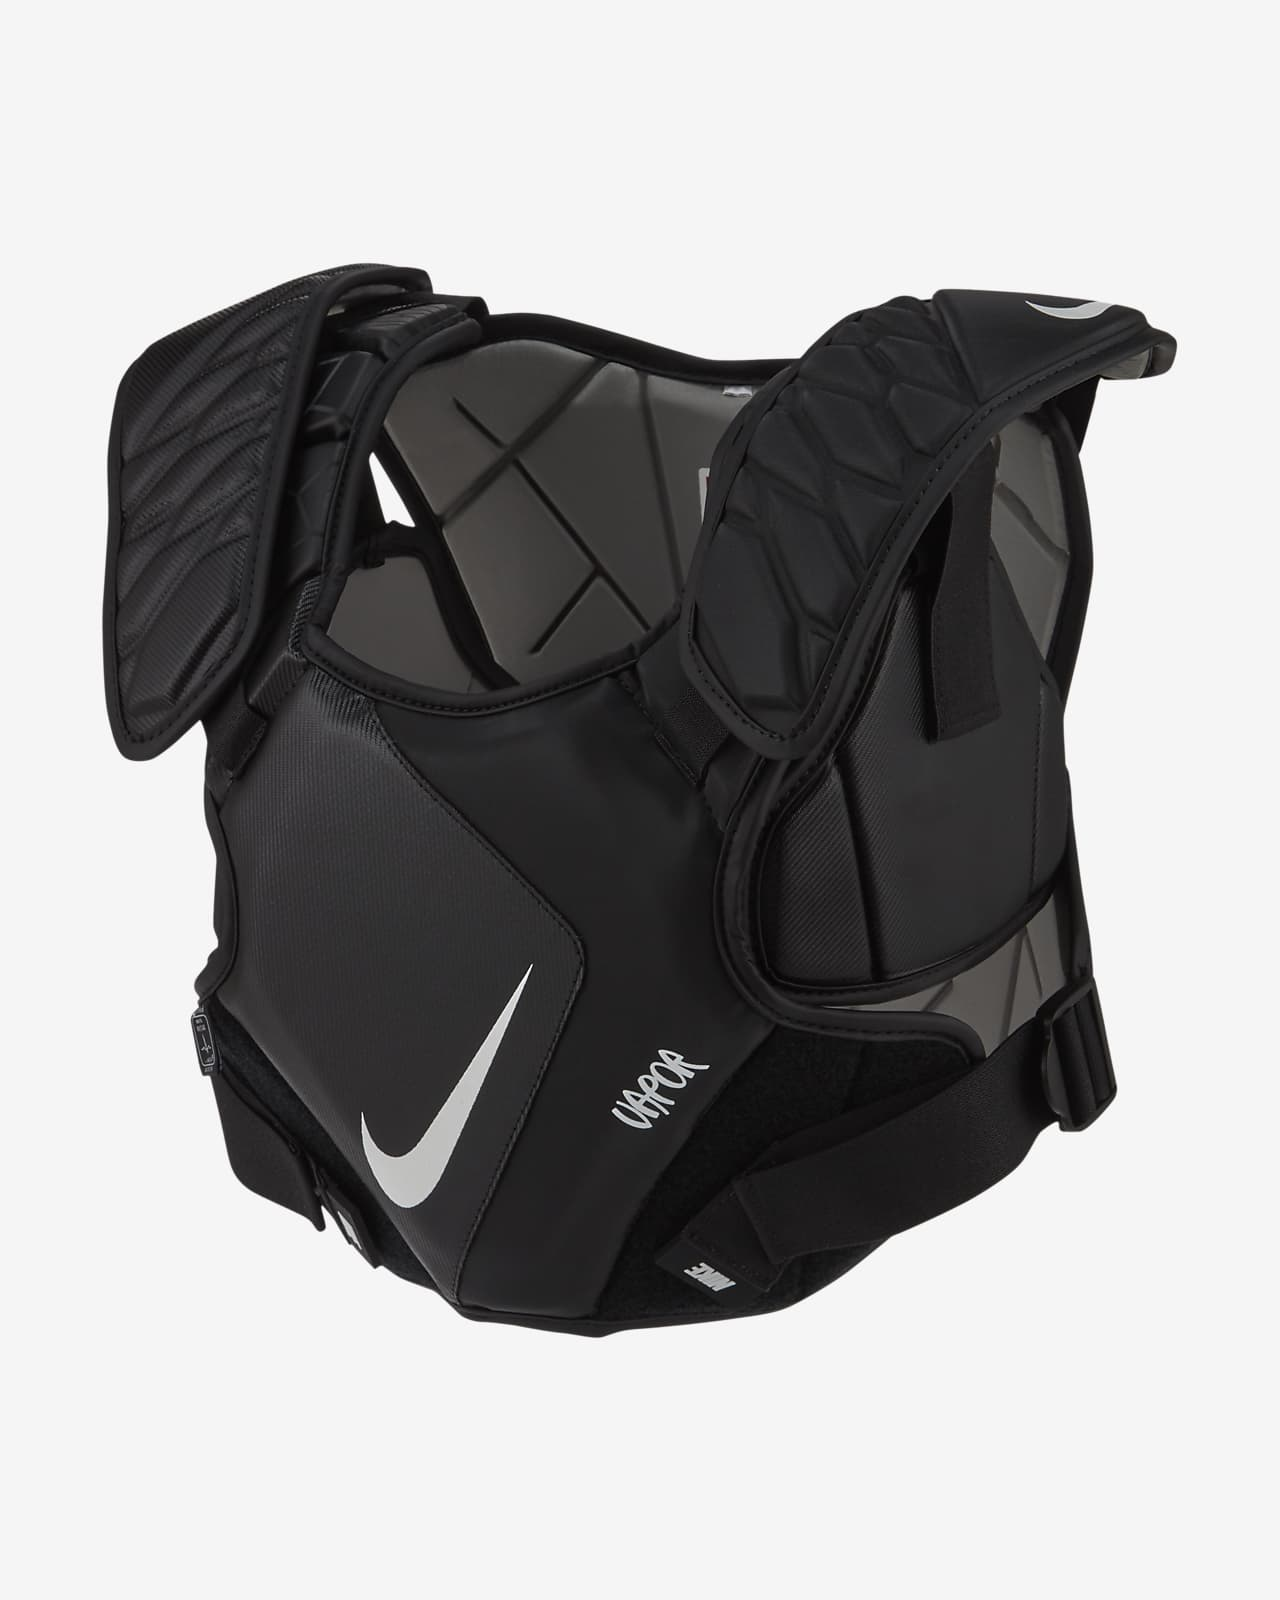 Nike Vapor Lacrosse Shoulder Pads